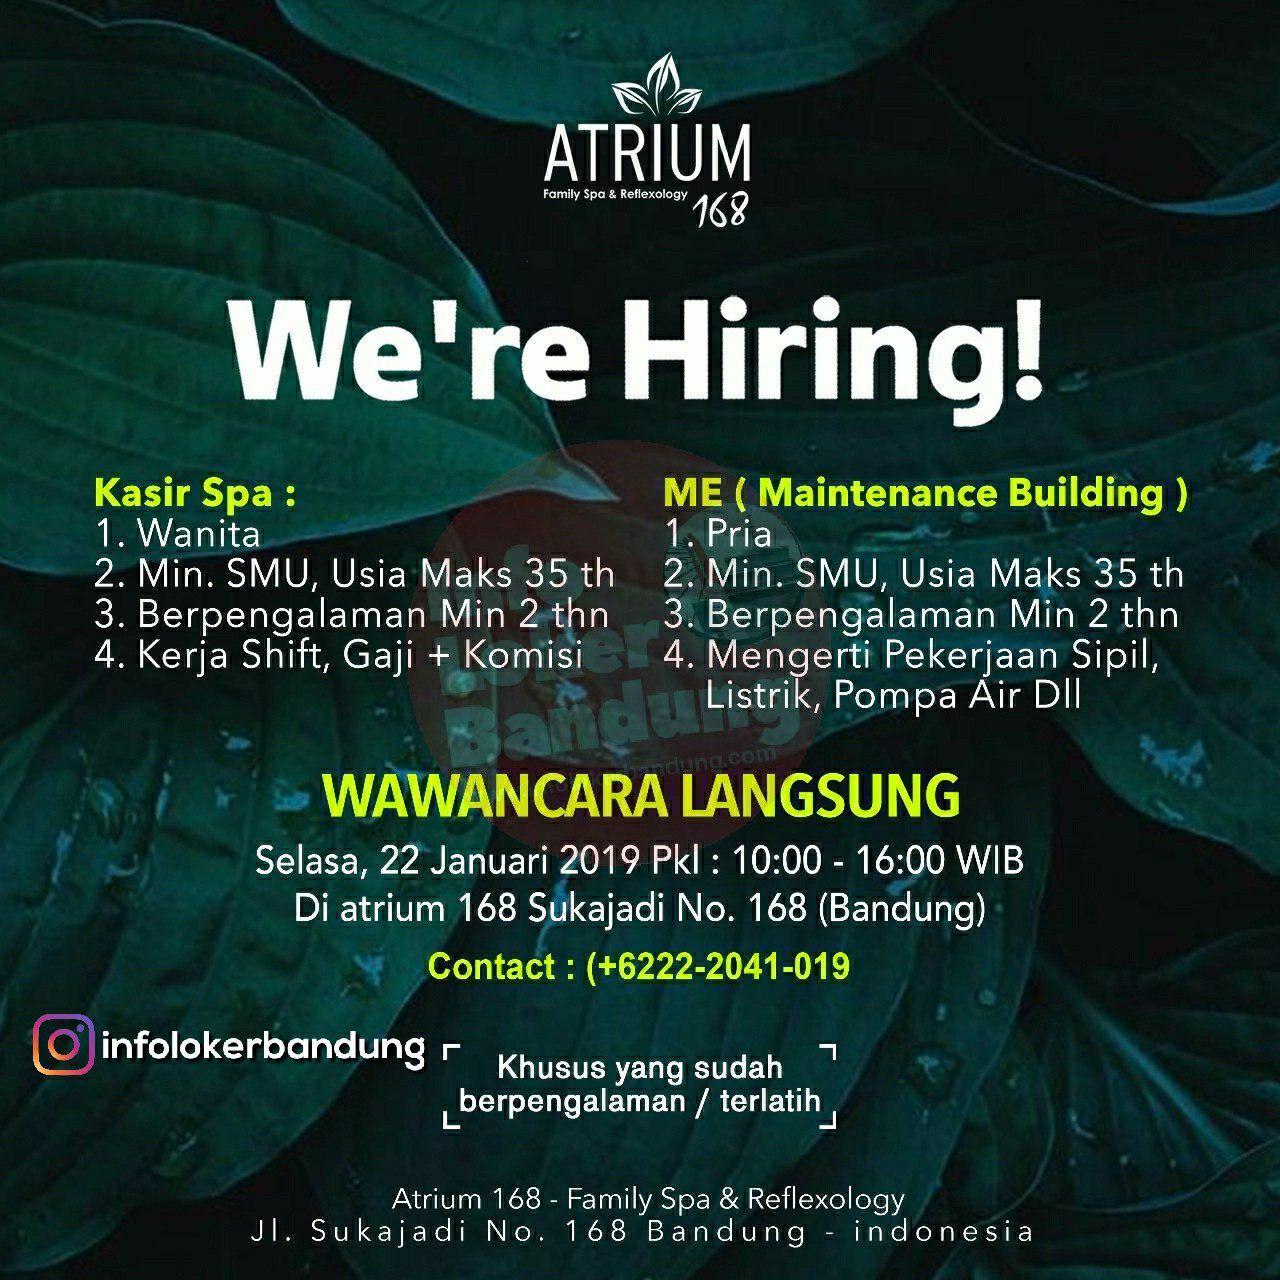 Lowongan kerja Atrium 168 Family Spa & Executive Karaoke Bandung Januari 2019